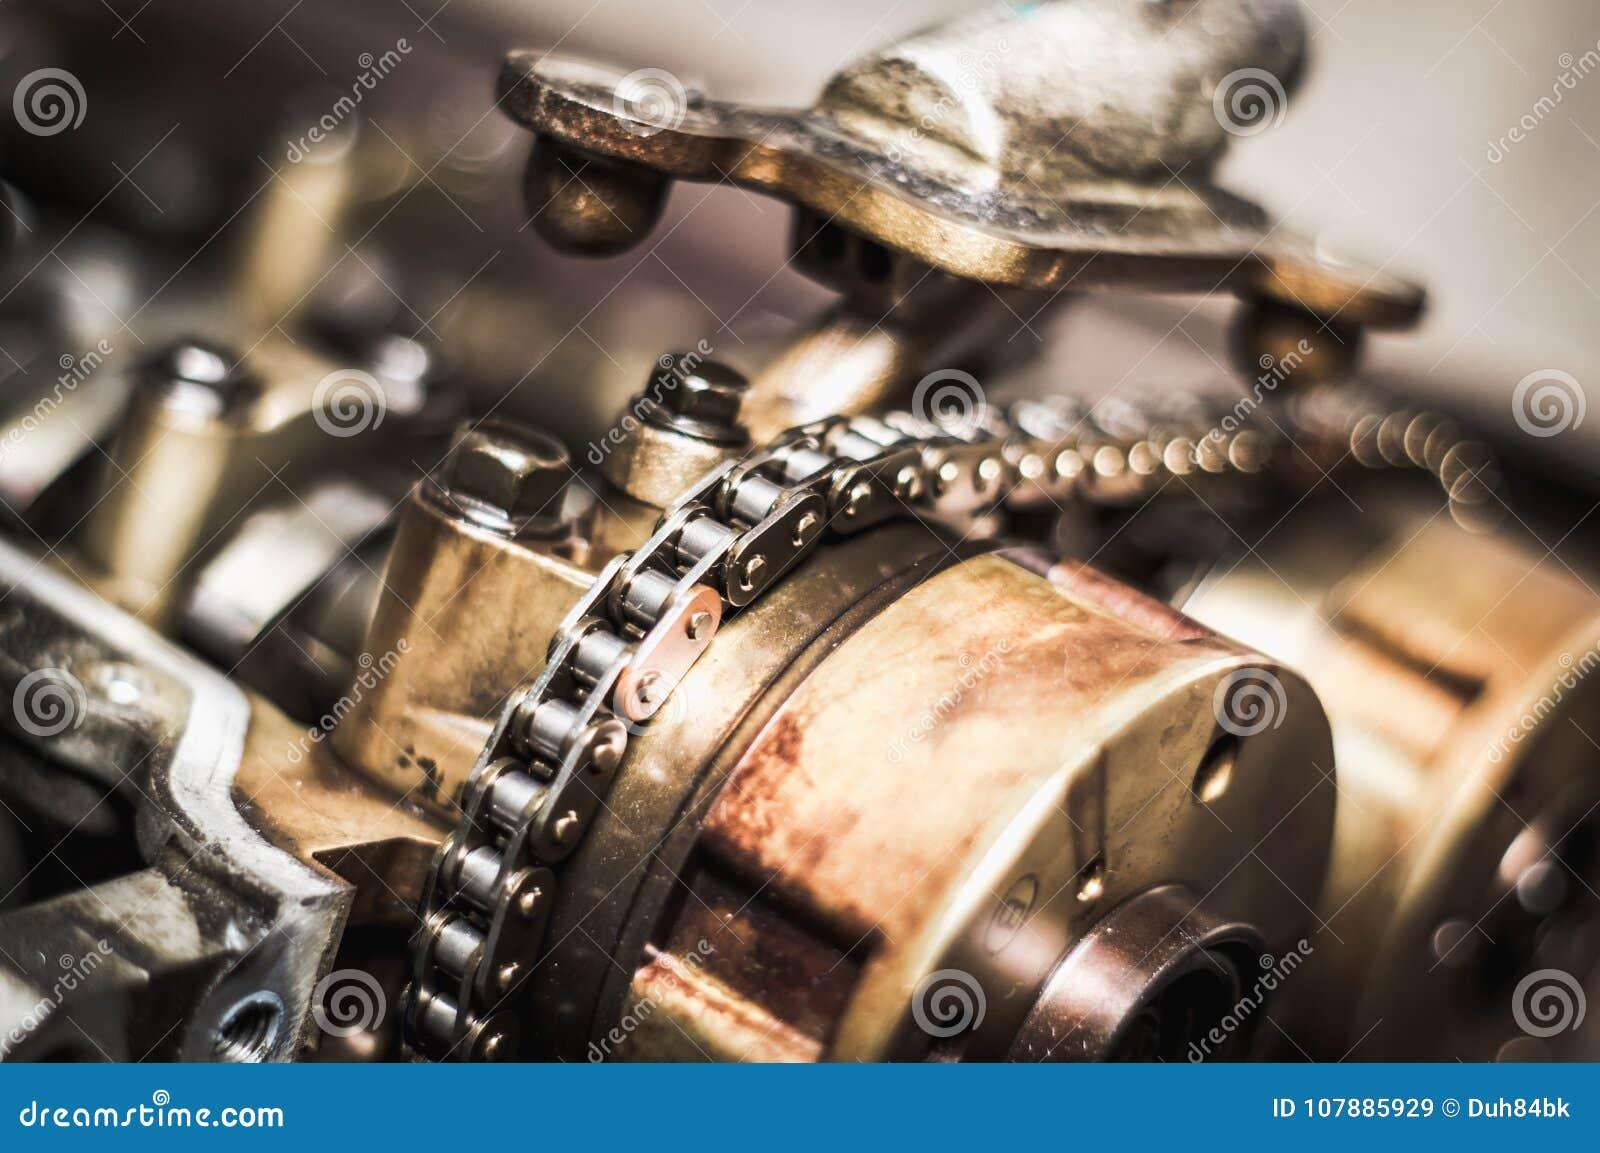 Chaîne de synchronisation de voiture dans le moteur coupé